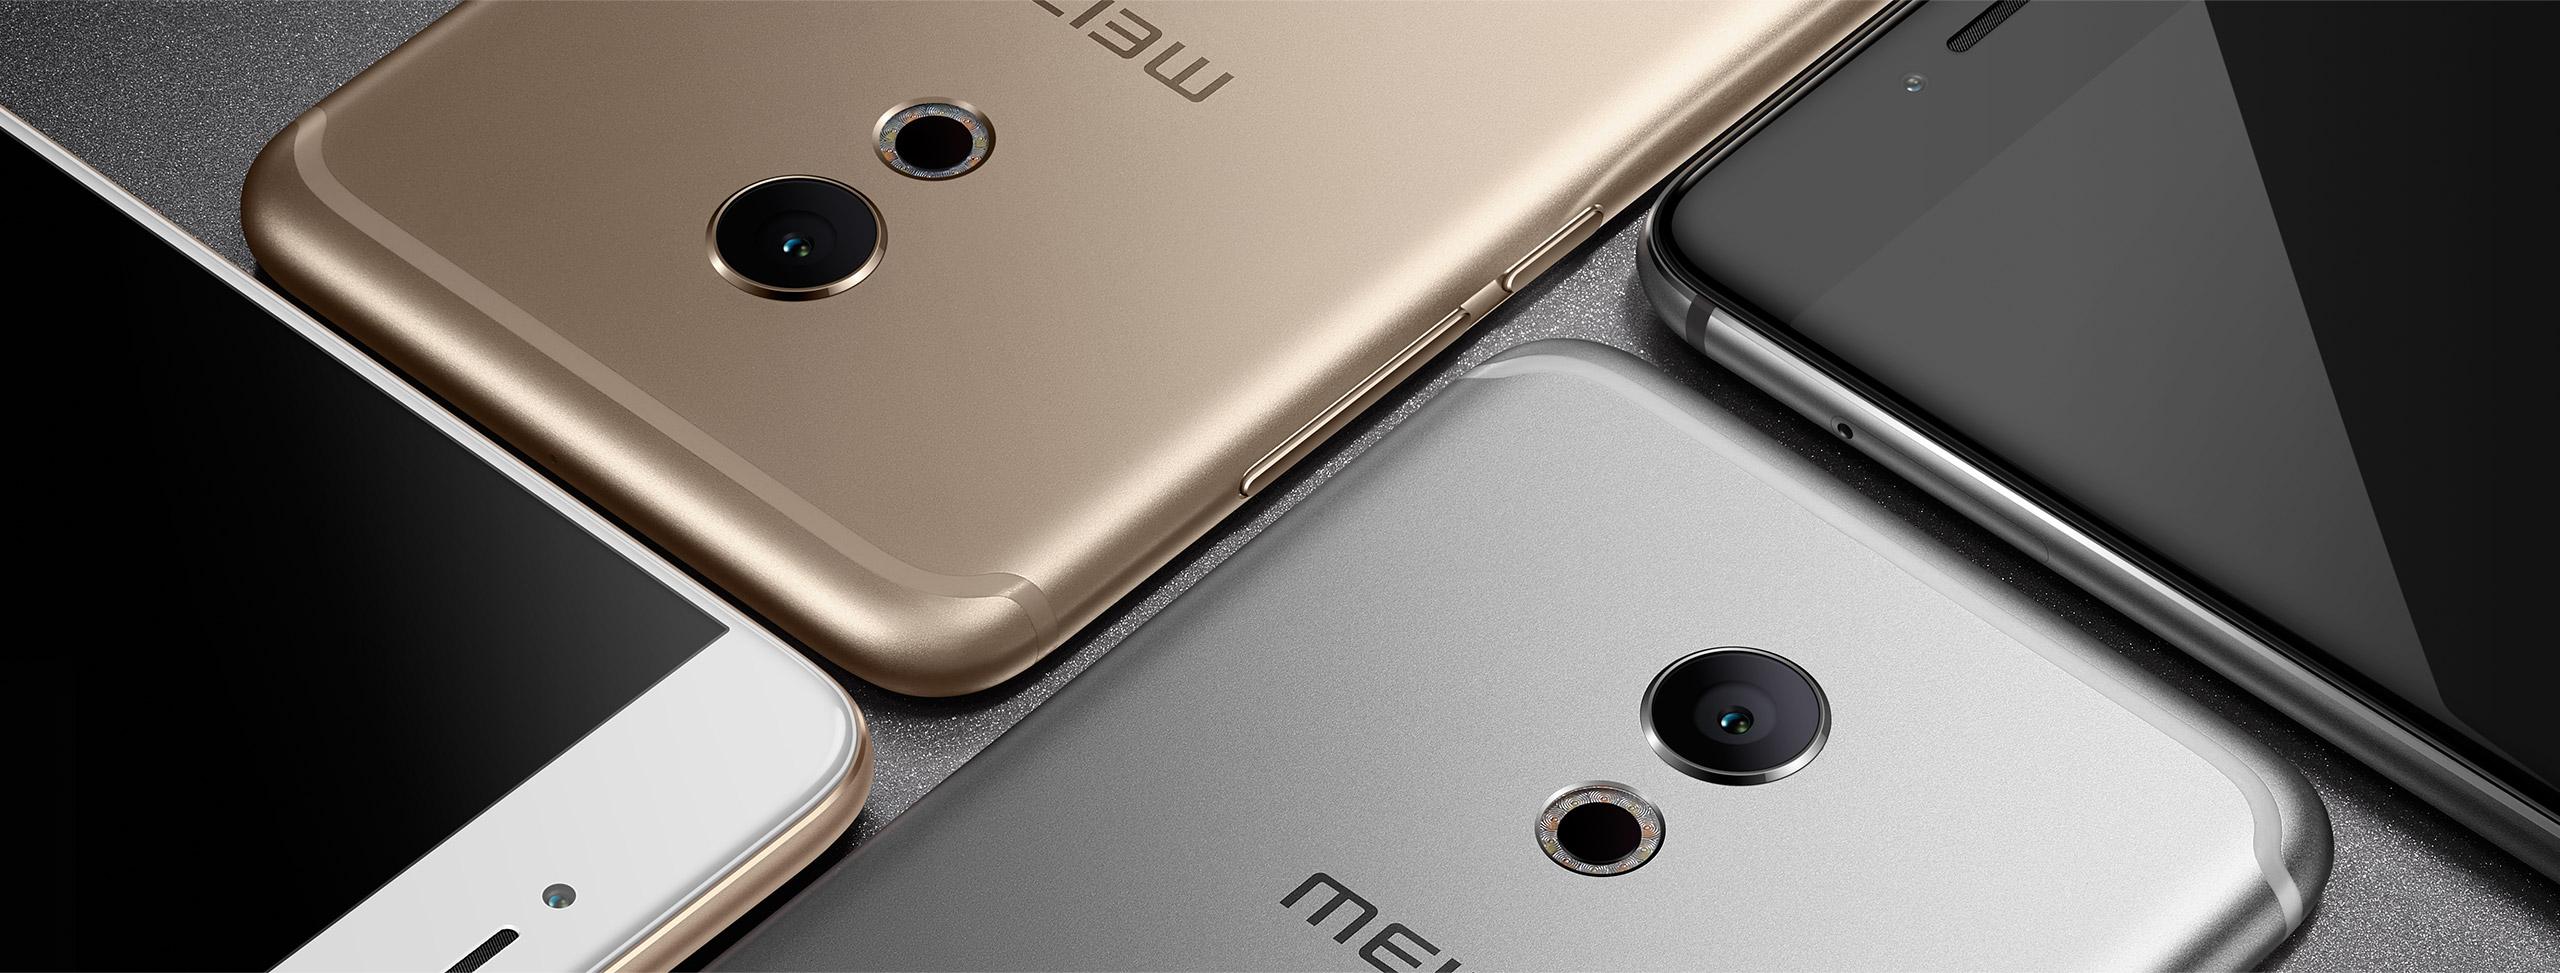 Купить телефон meizu: обзор модели pro 6.